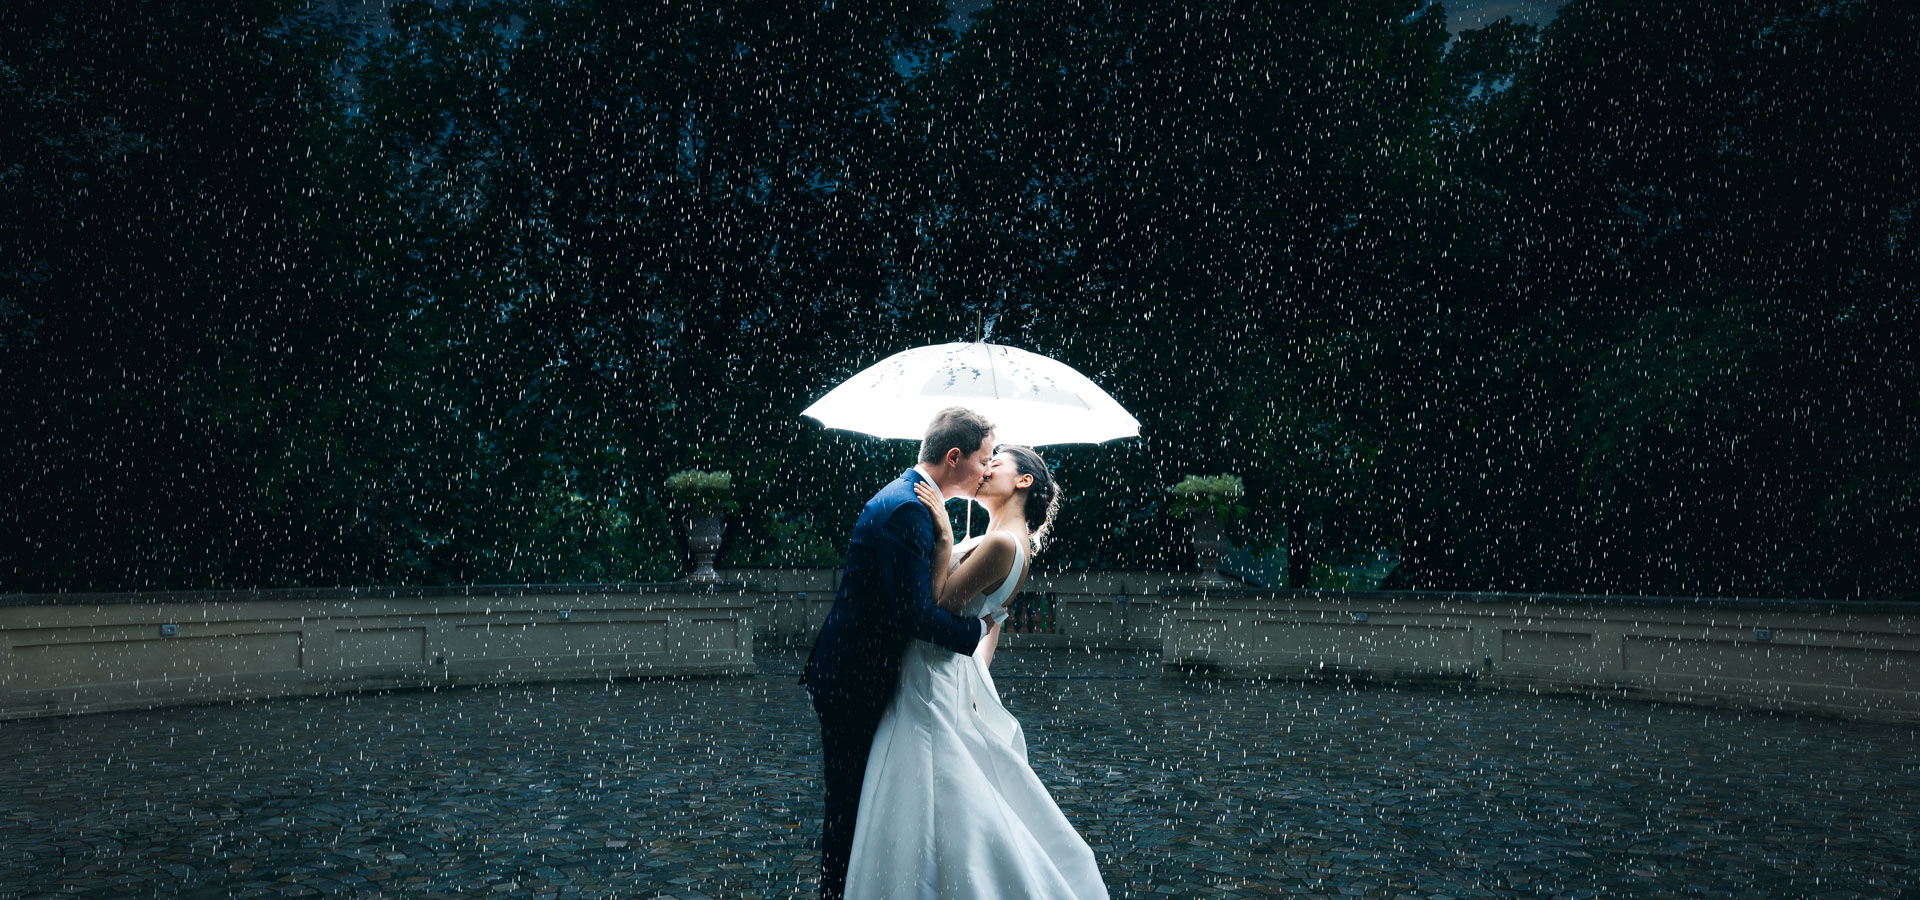 Fotografia suggestiva e cinematografica scattata sotto la pioggia al matrimonio di Gianluca e Lucia